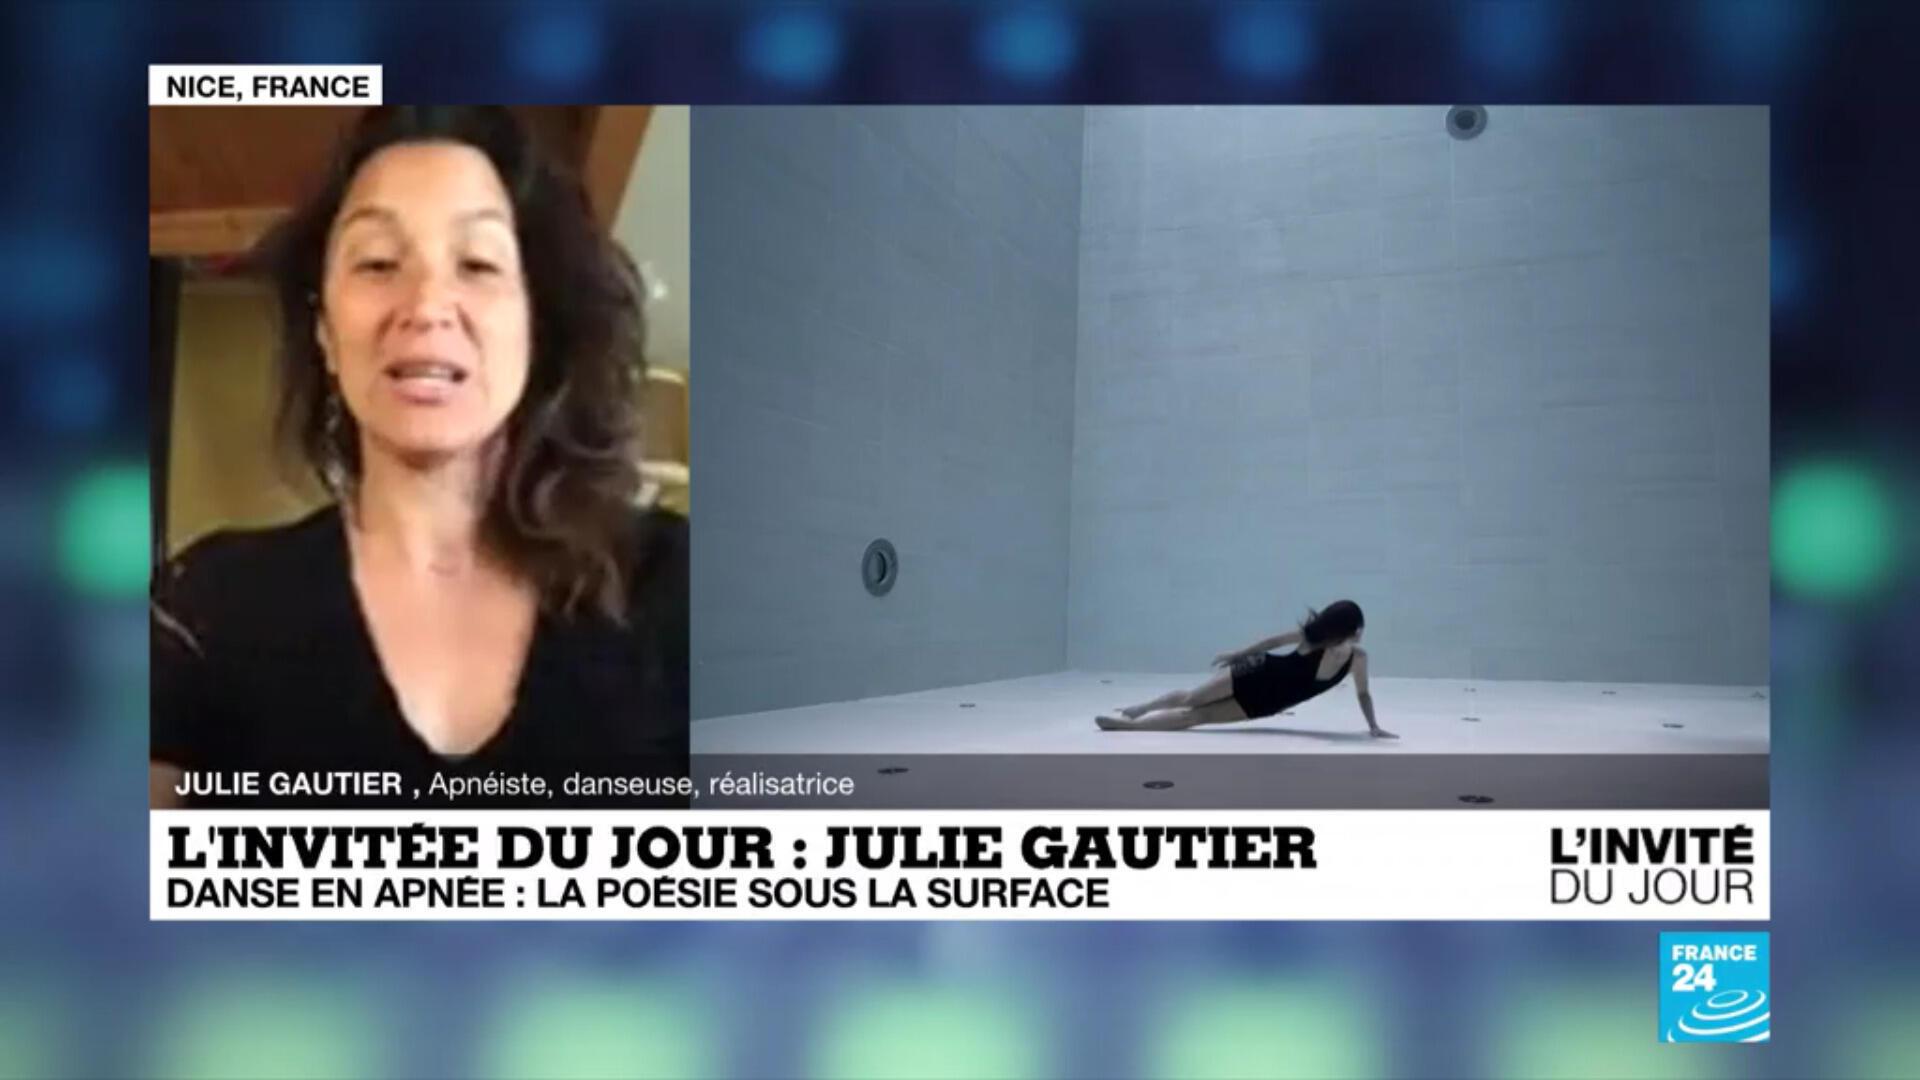 Julie Gautier est apnésite et réalisatrice